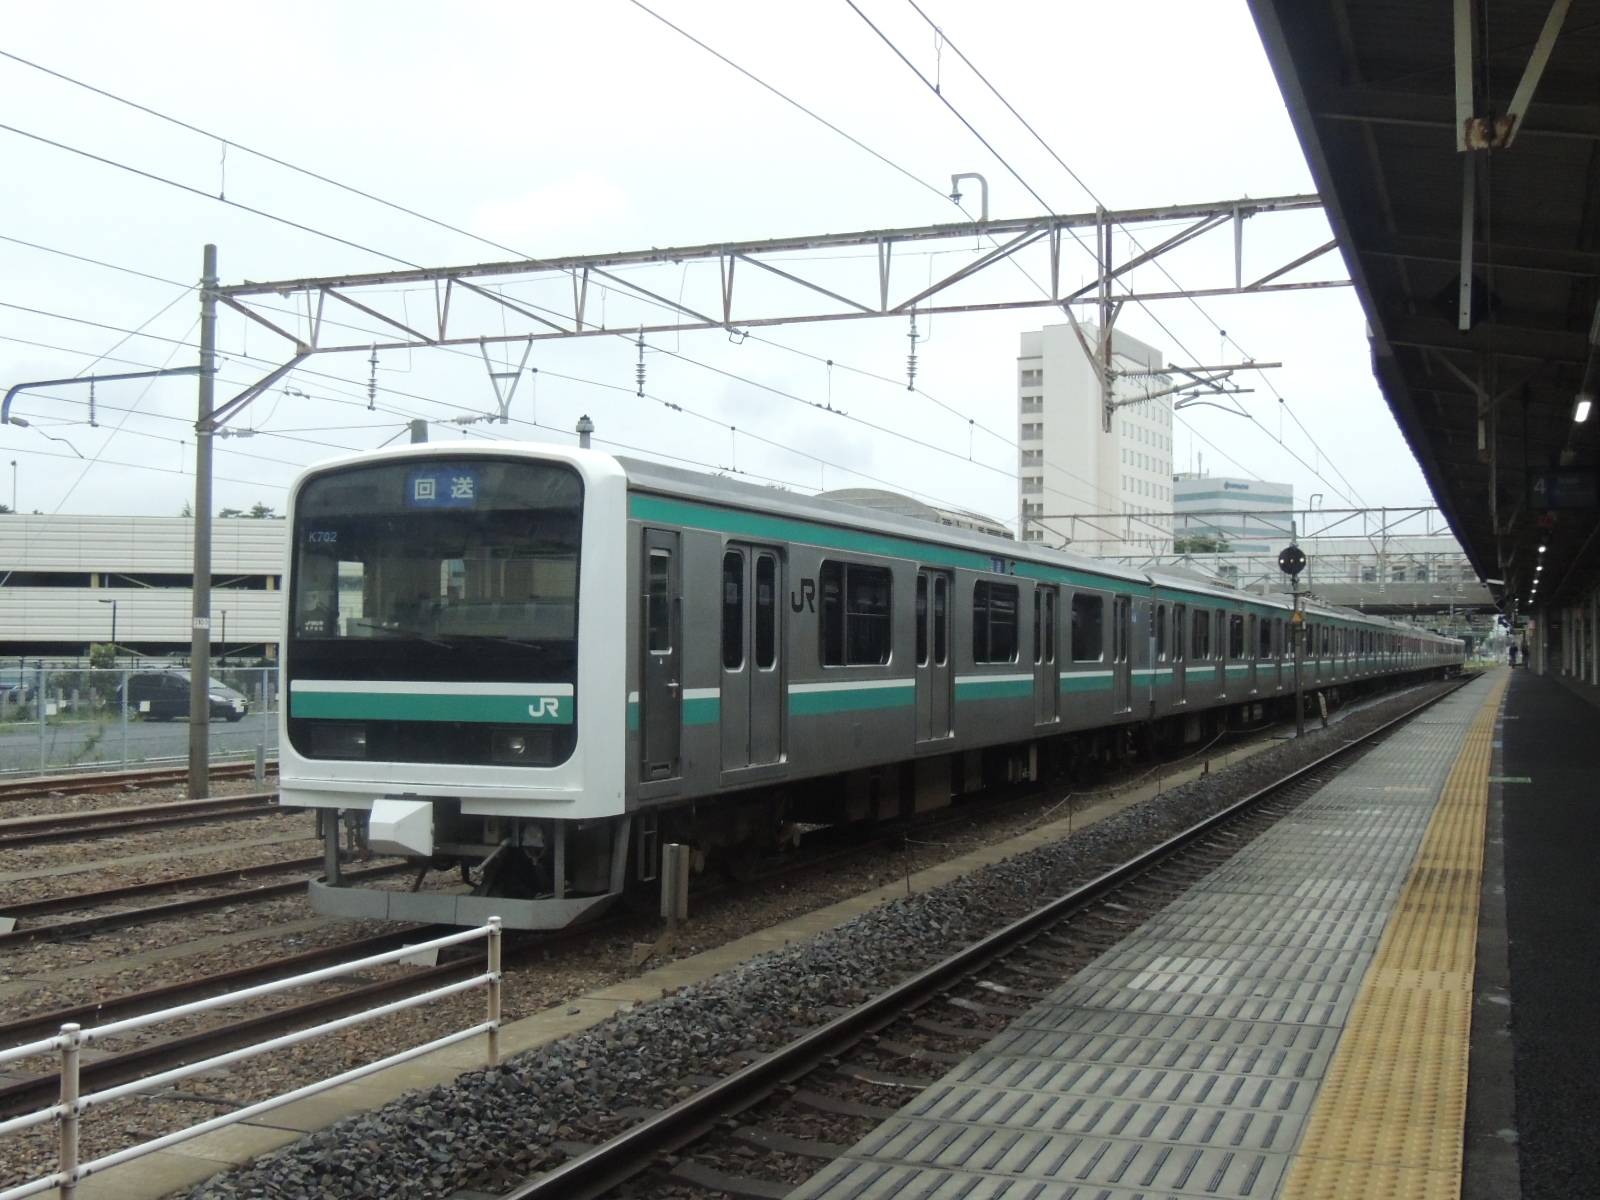 DSCN3507.jpg